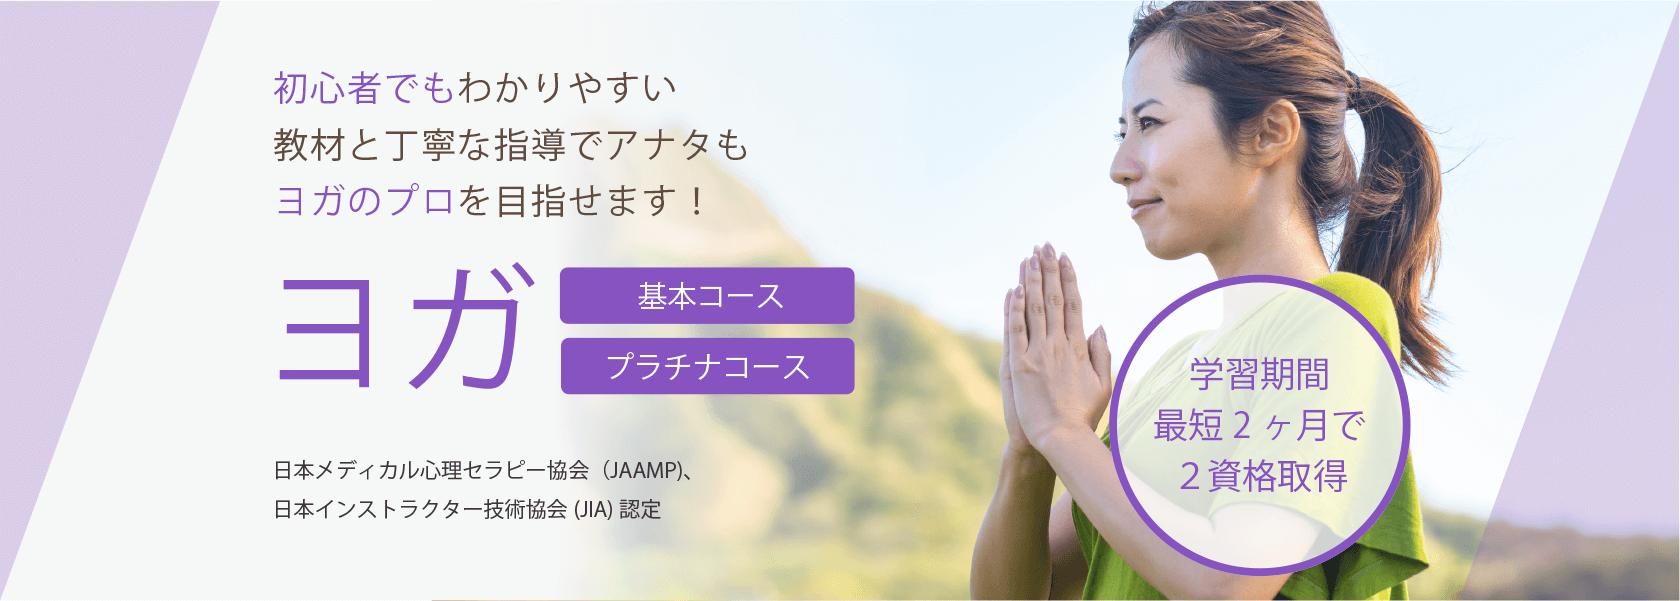 SARA school JAPAN(サラスクールジャパン)のコースイメージ